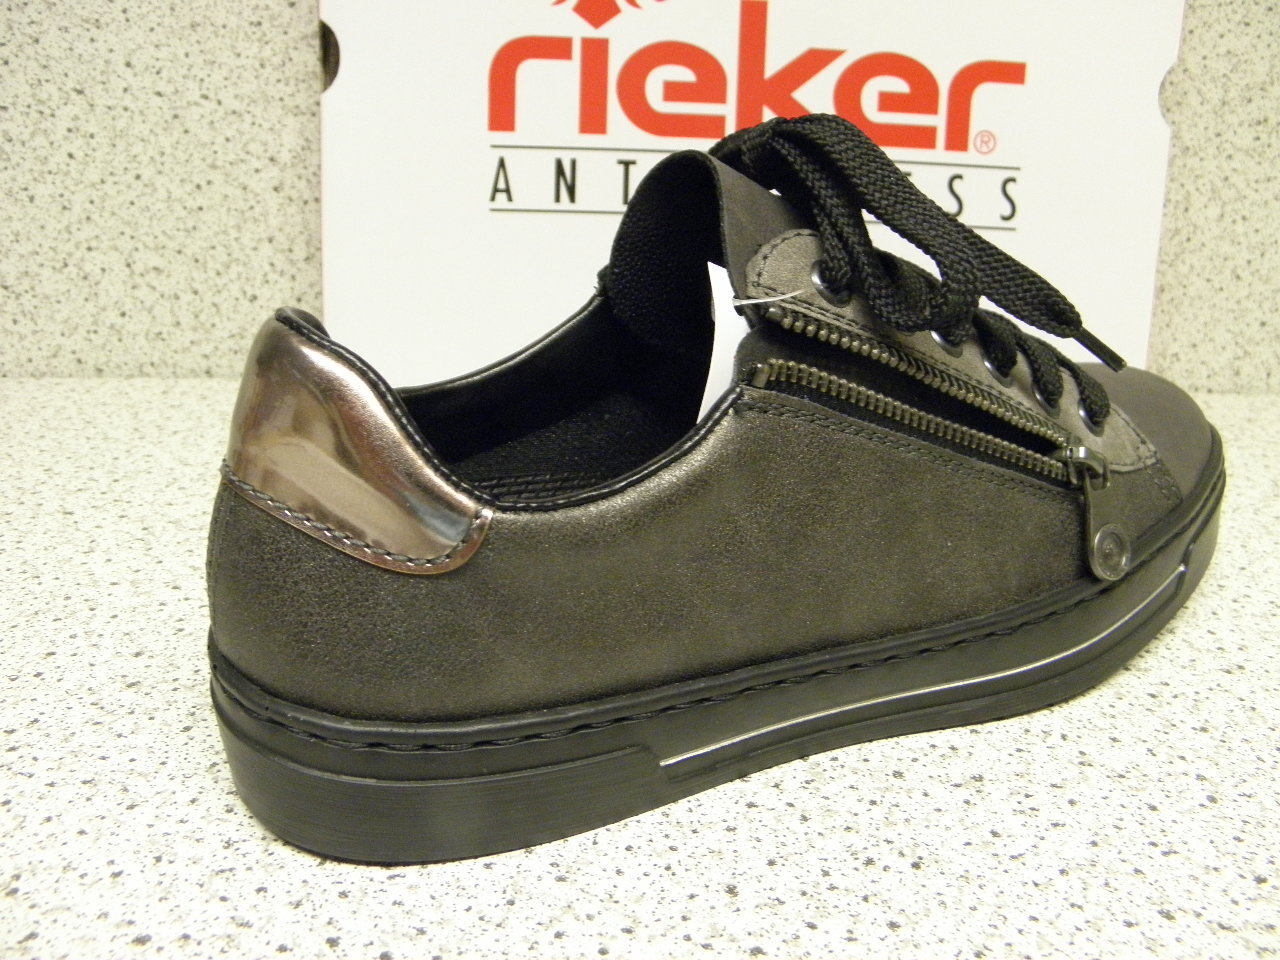 rieker ® ROTuziert, Top Mode grau, + gratis Premium - Socken, L8511-45 (R392)